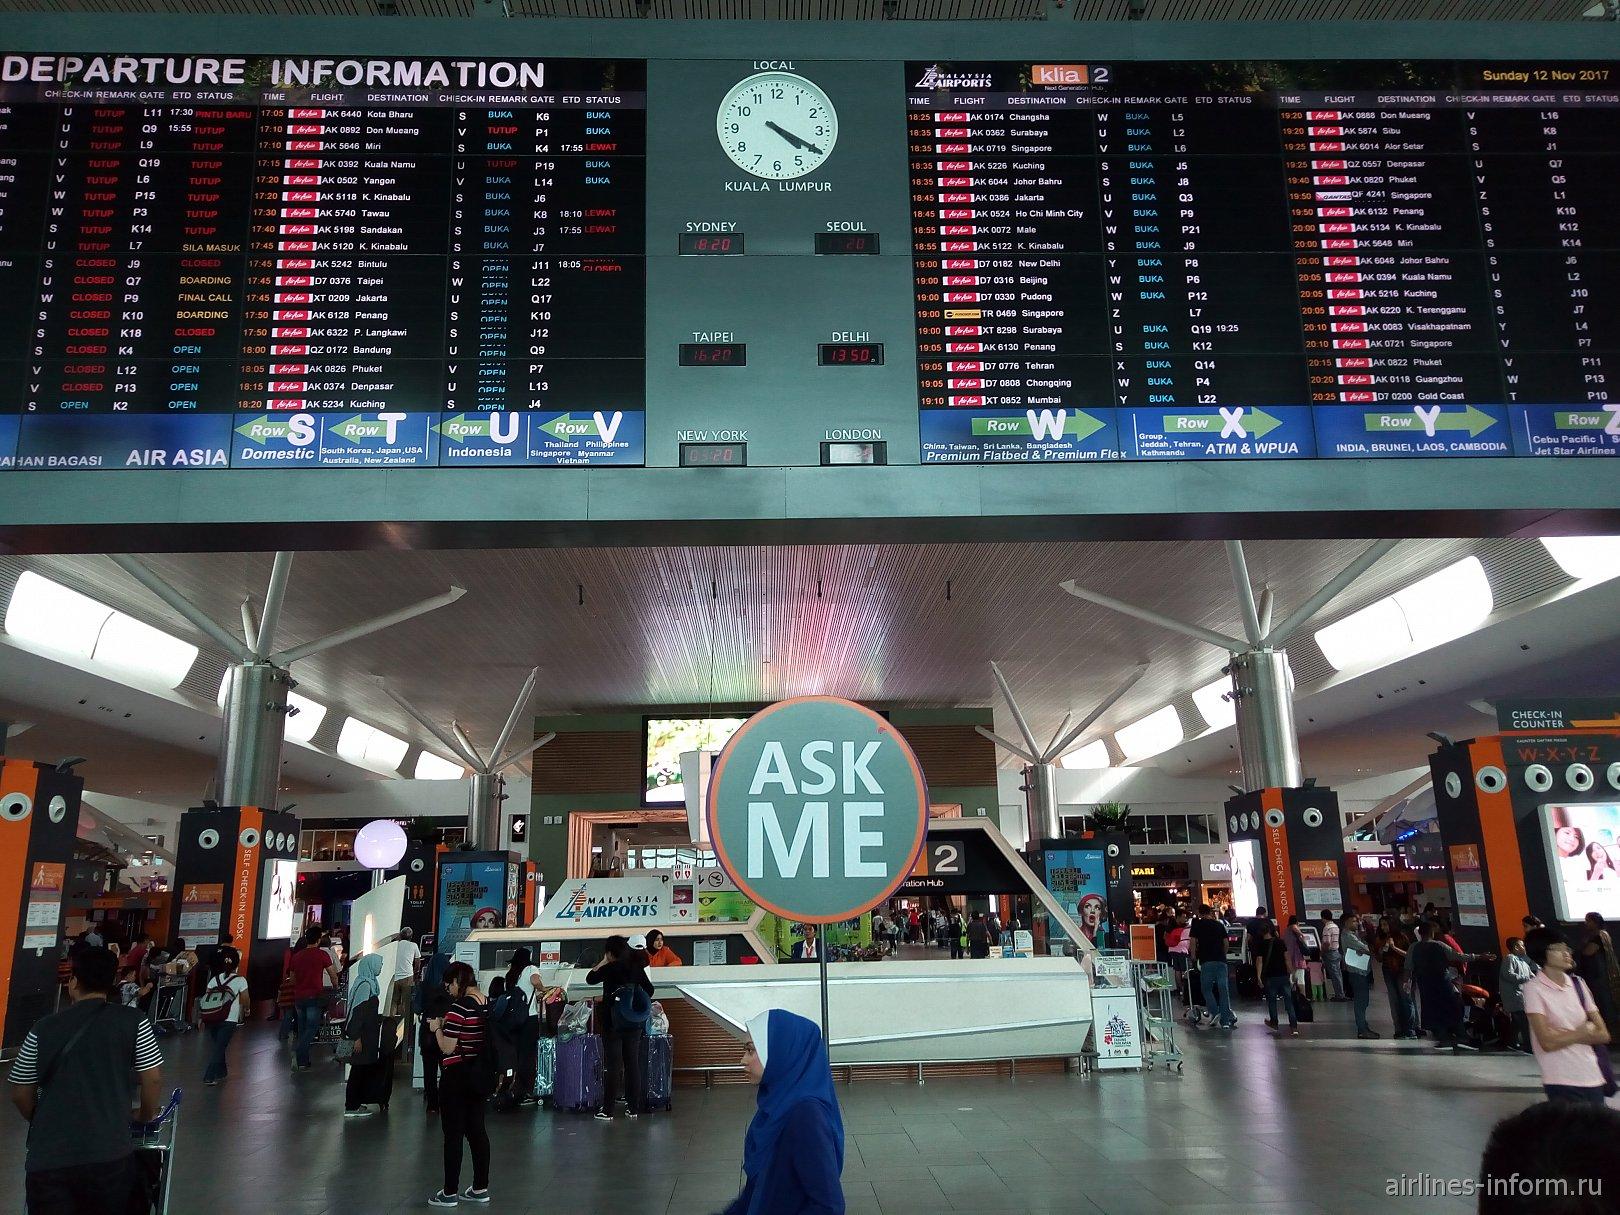 Центральная информационная стойка и табло в аэропорту Куала-Лумпур